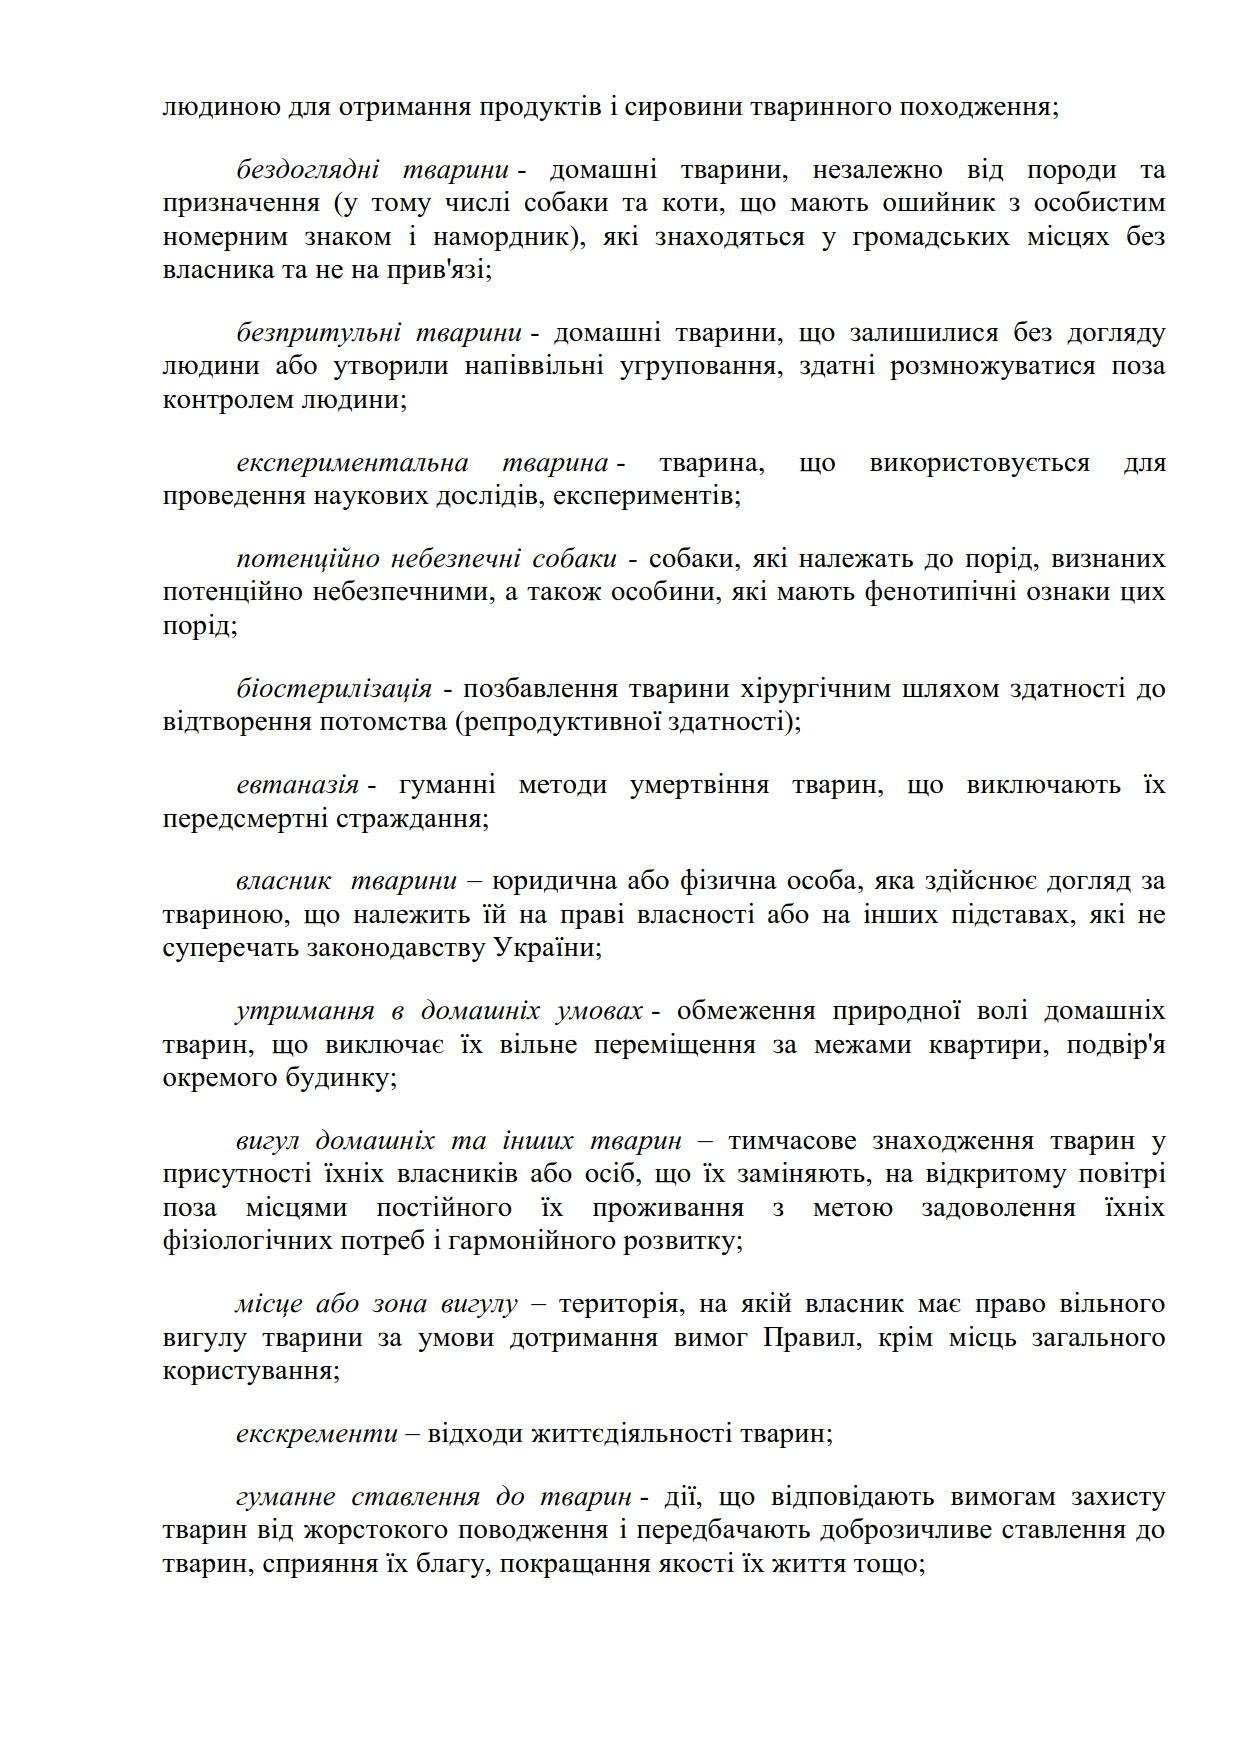 Правила утримання домашніх тварин коломак нов_04